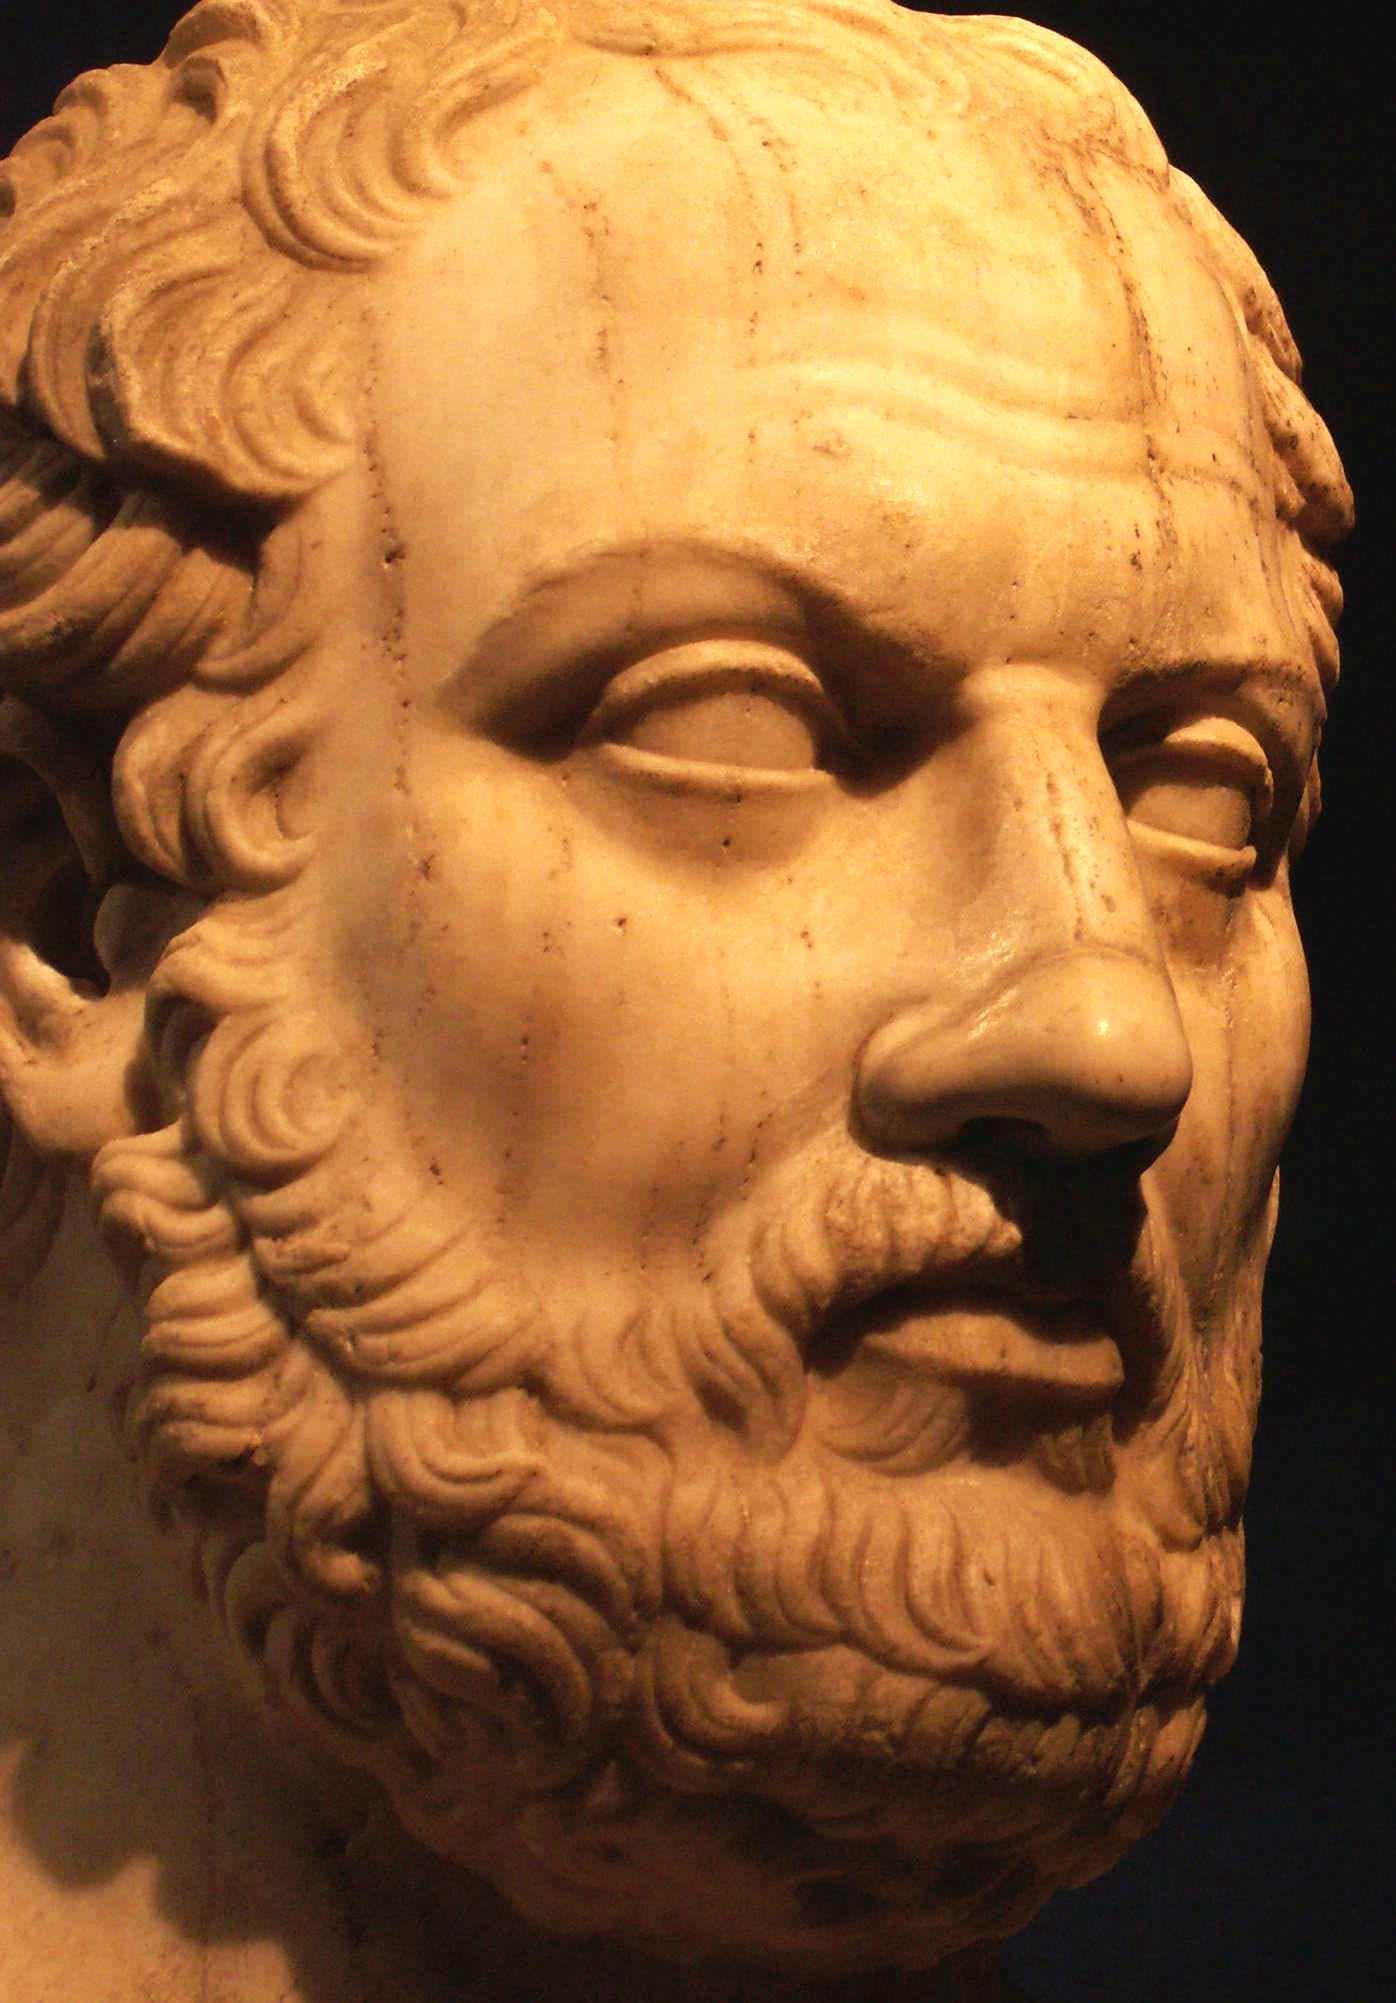 تمثال نصفي يجسد المؤرخ ثوسيديديس